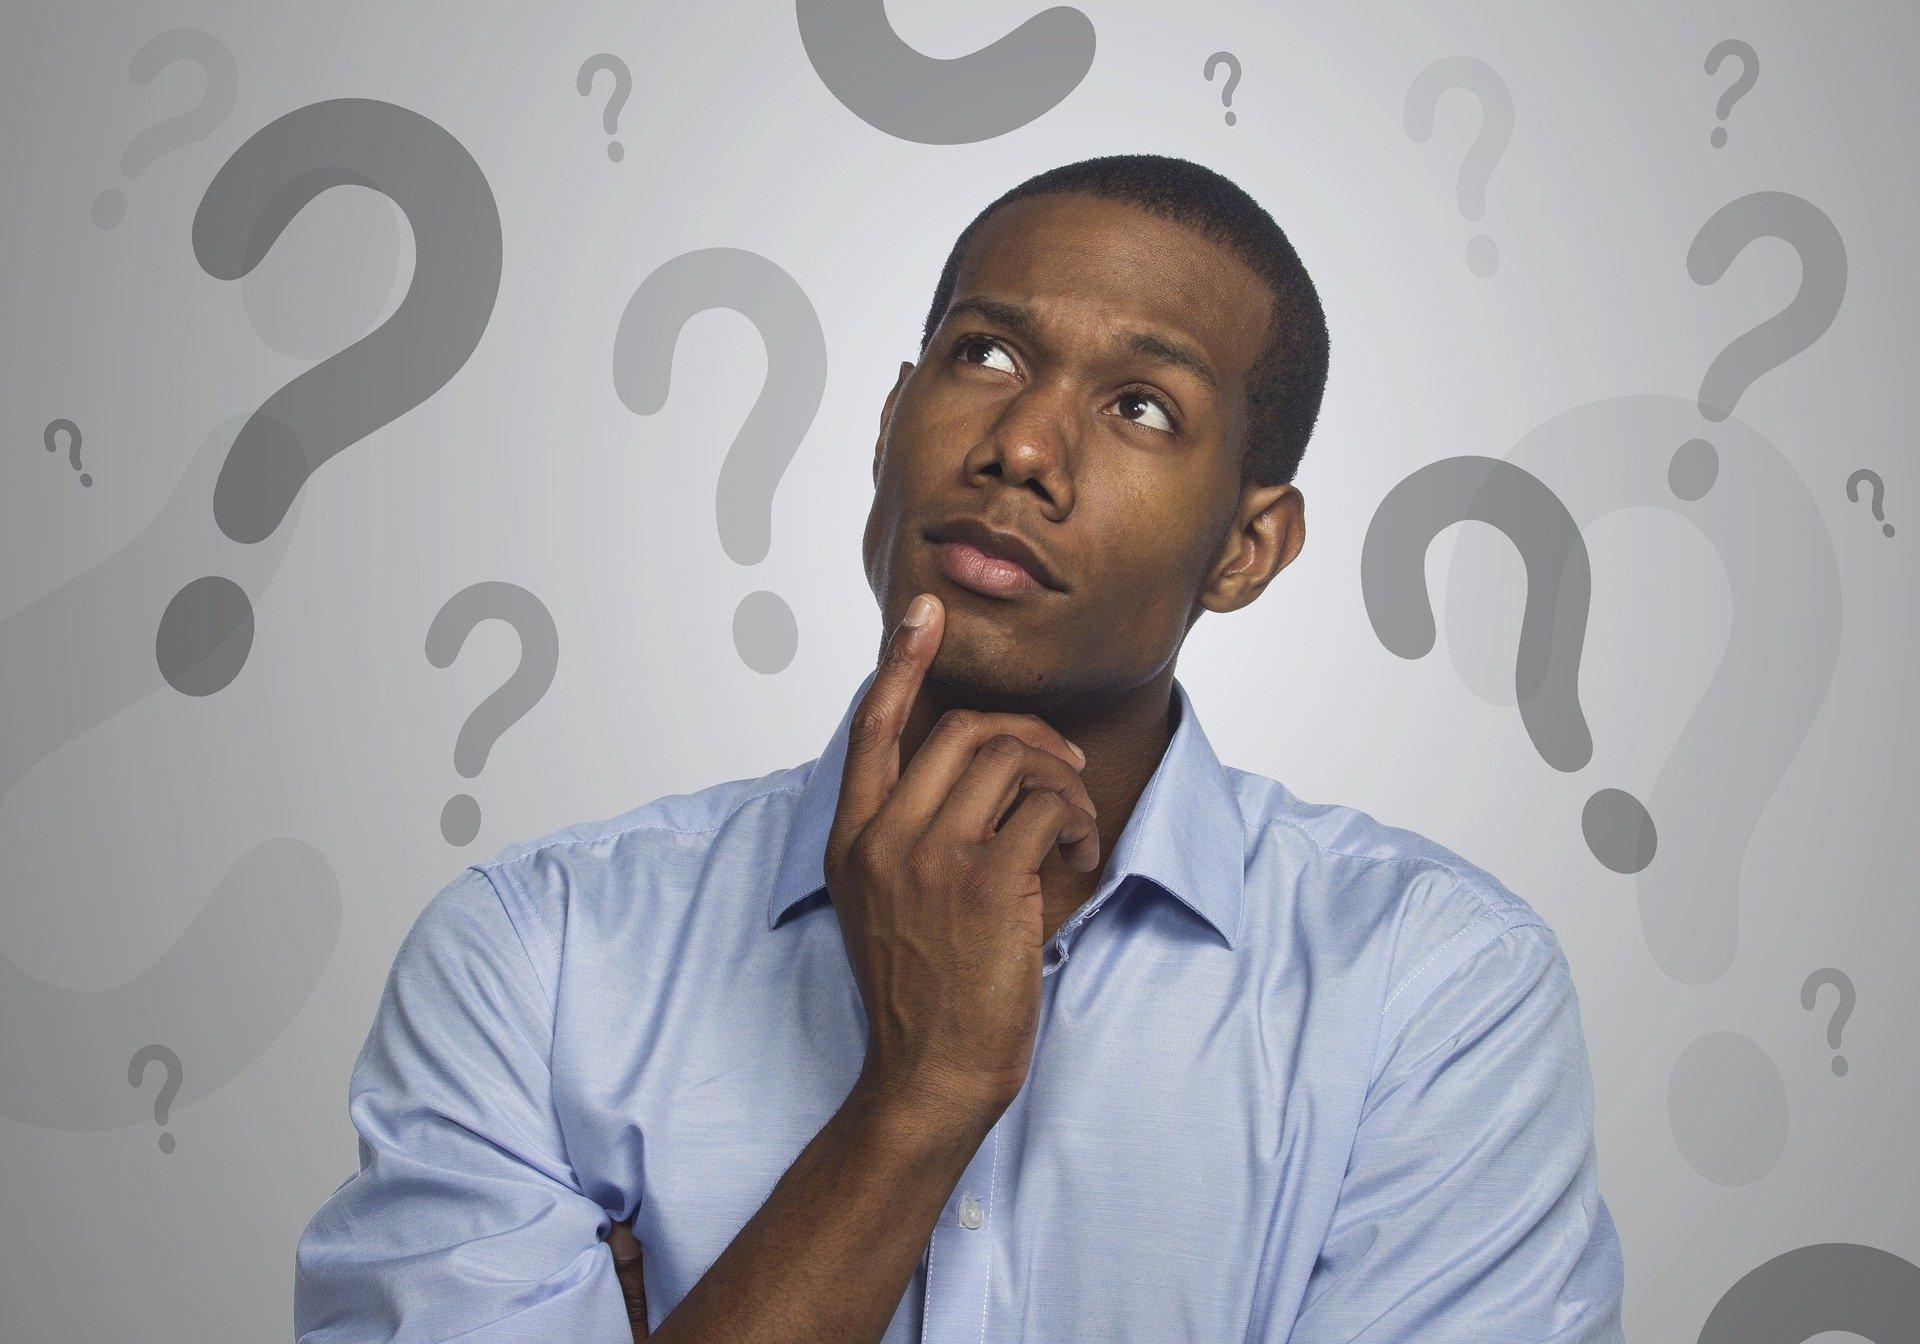 Vous doutez ? Votre assureur ou votre courtier conseil vous apporteront toutes les informations nécessaires pour vous garantir que vous pouvez exercer votre activité en toute sérénité - DR Pixabay